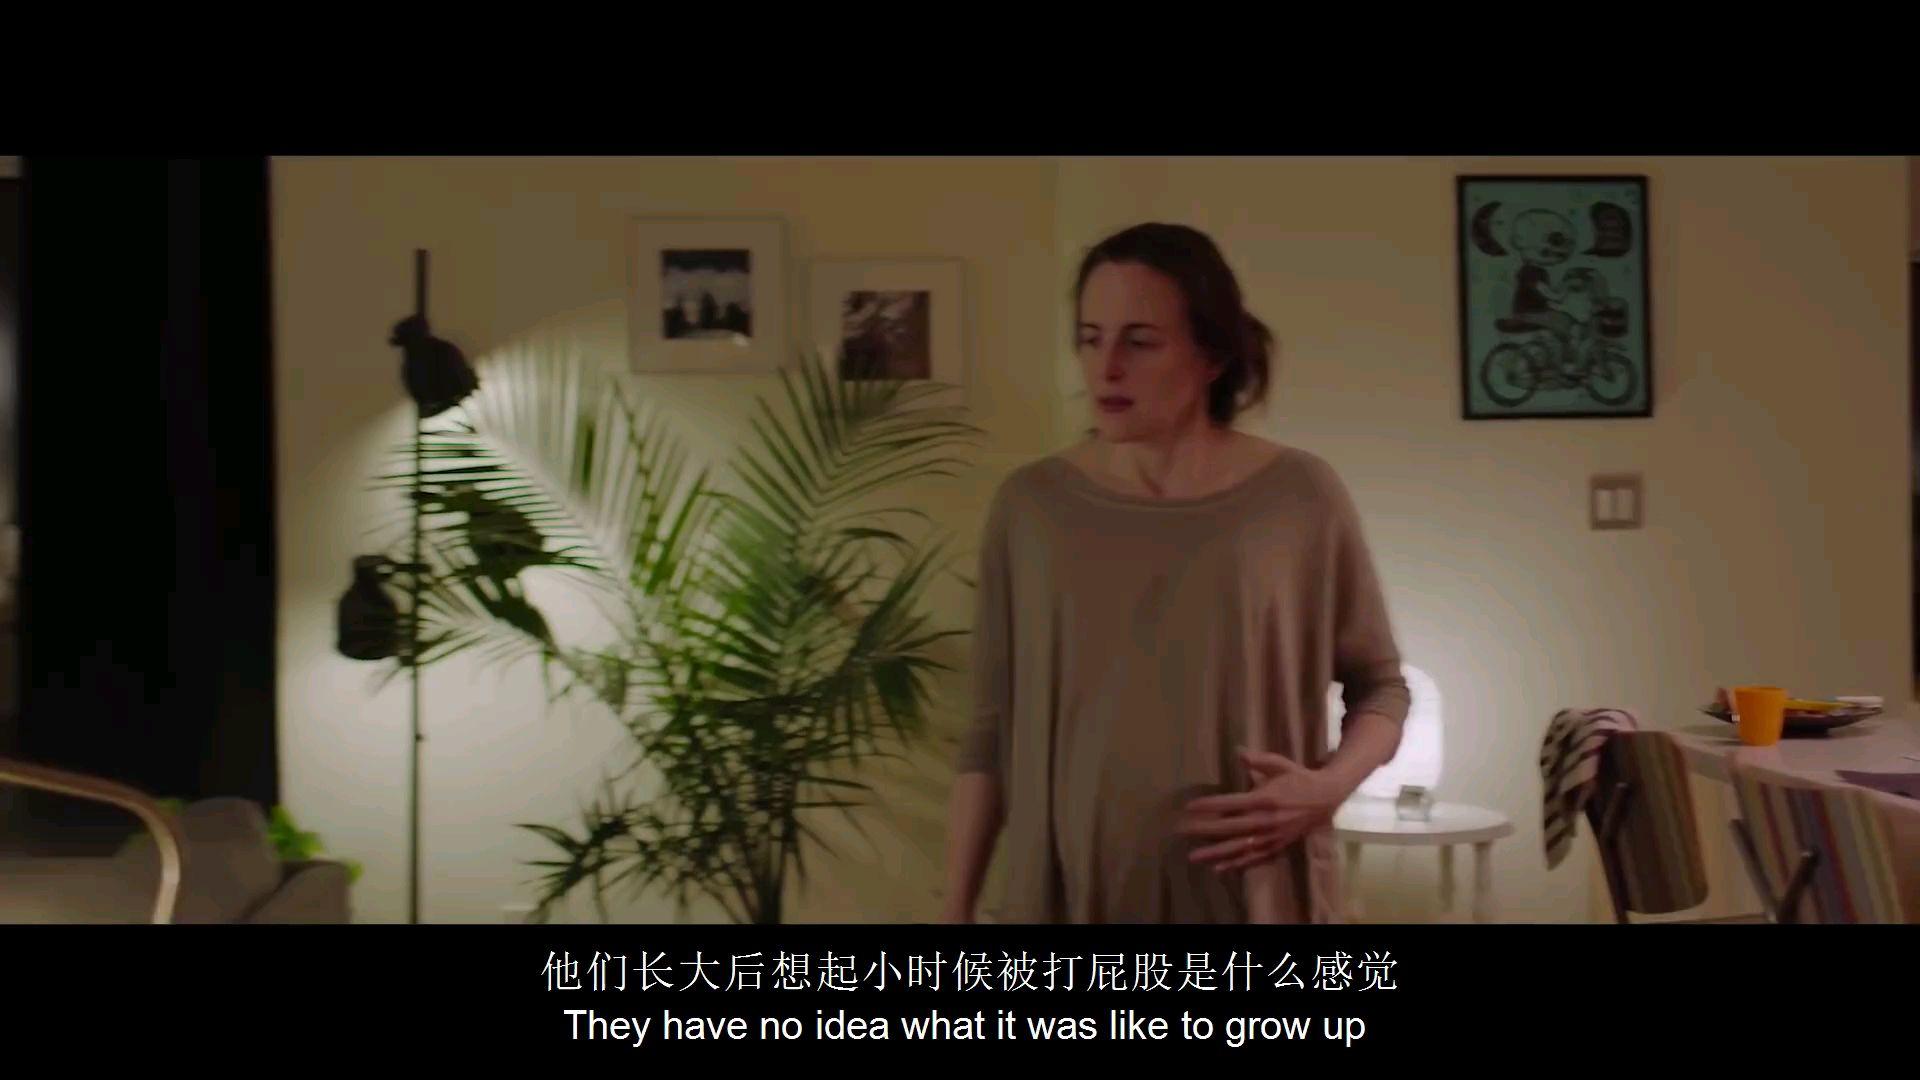 【中文字幕】2020奥斯卡最佳真人短片《邻居的窗》